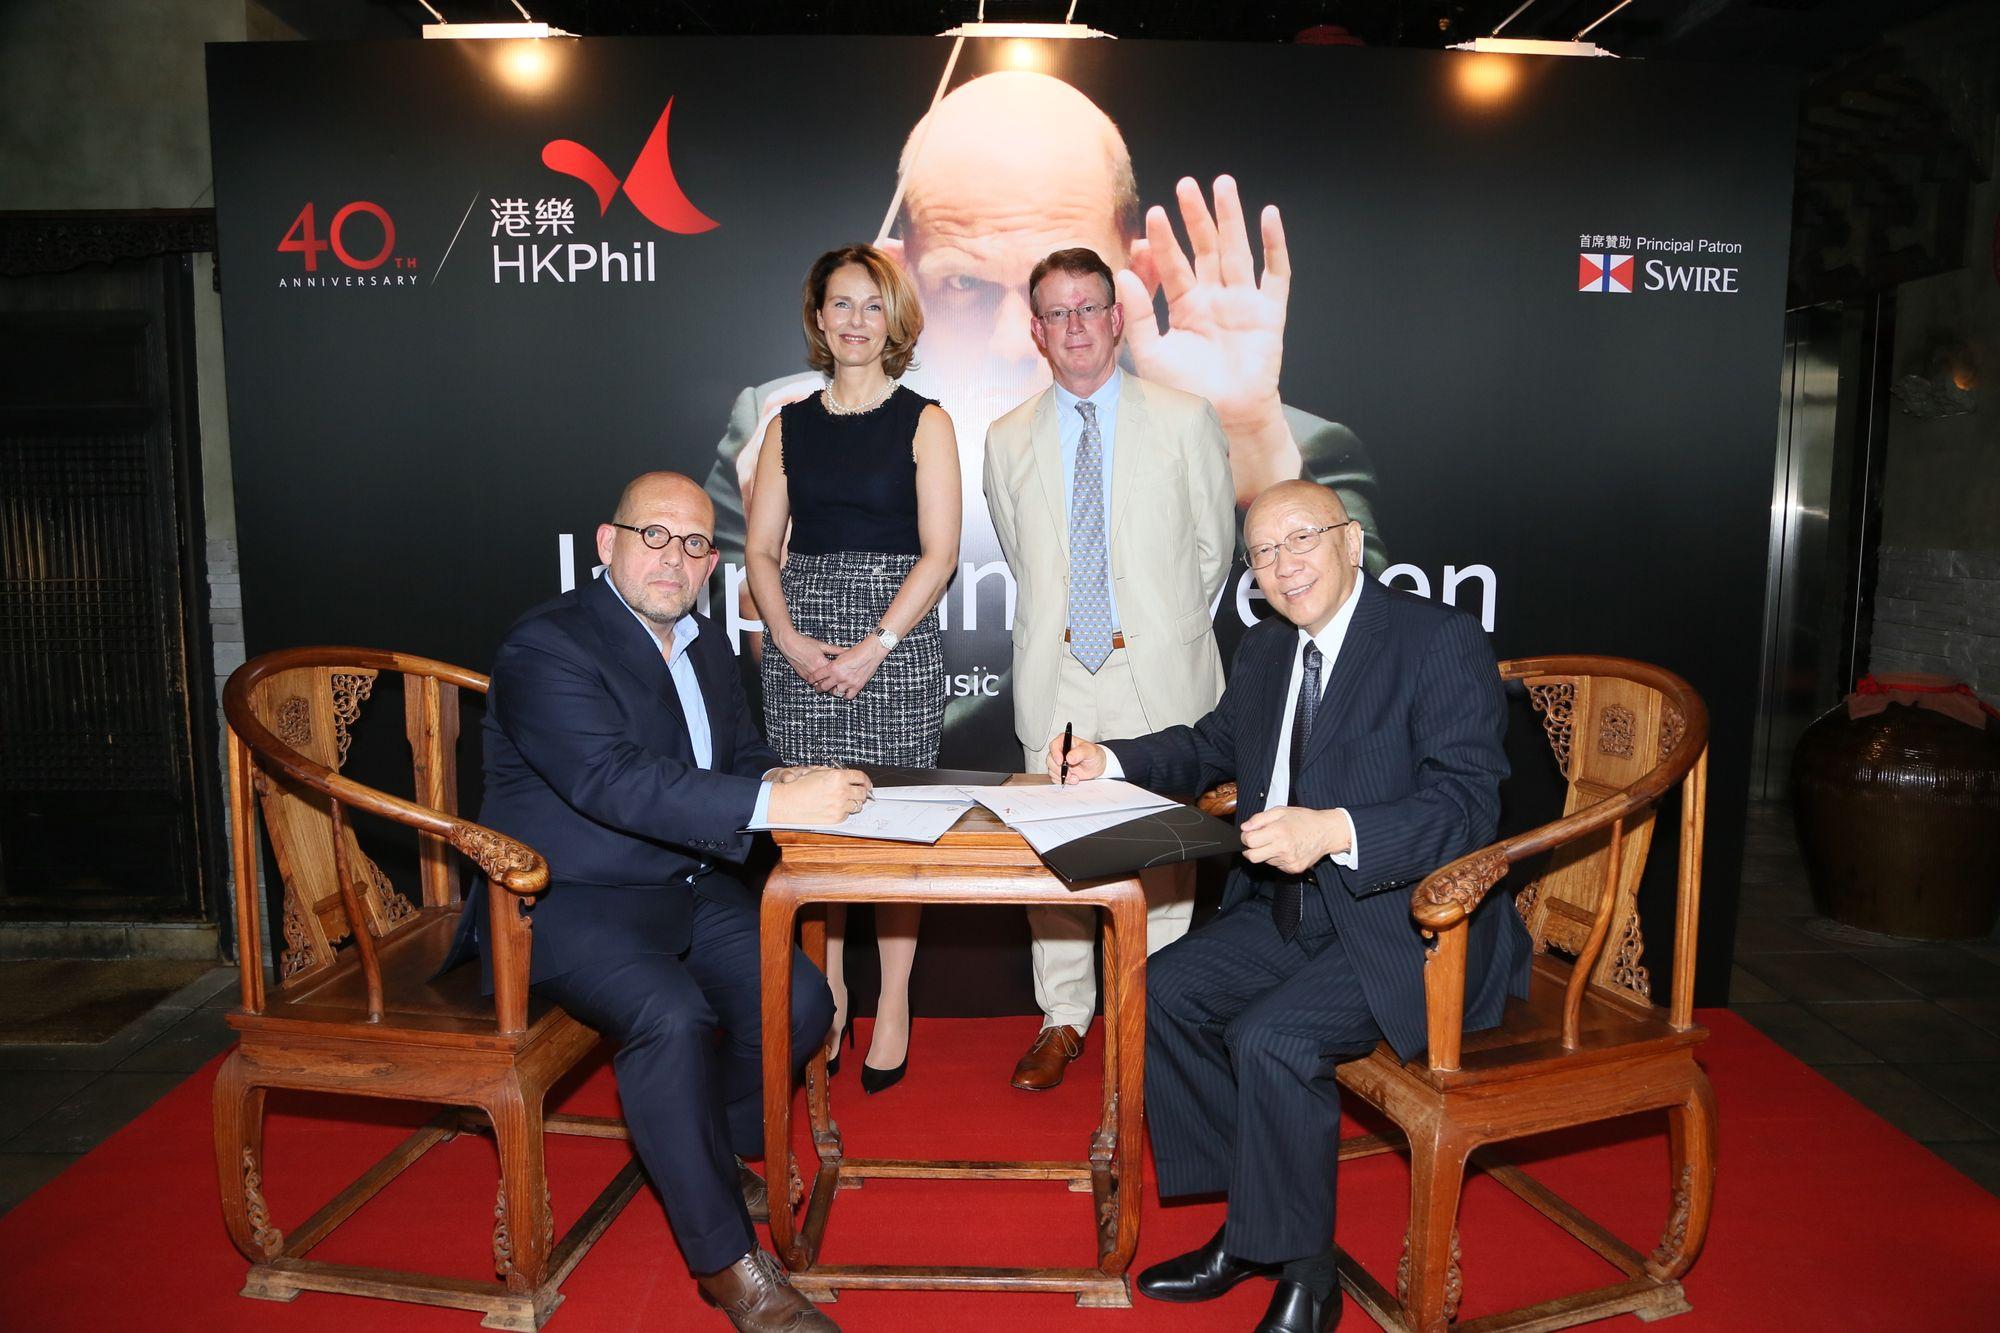 港樂音樂總監梵志登大師和港樂董事局主席劉元生先生簽署合約。